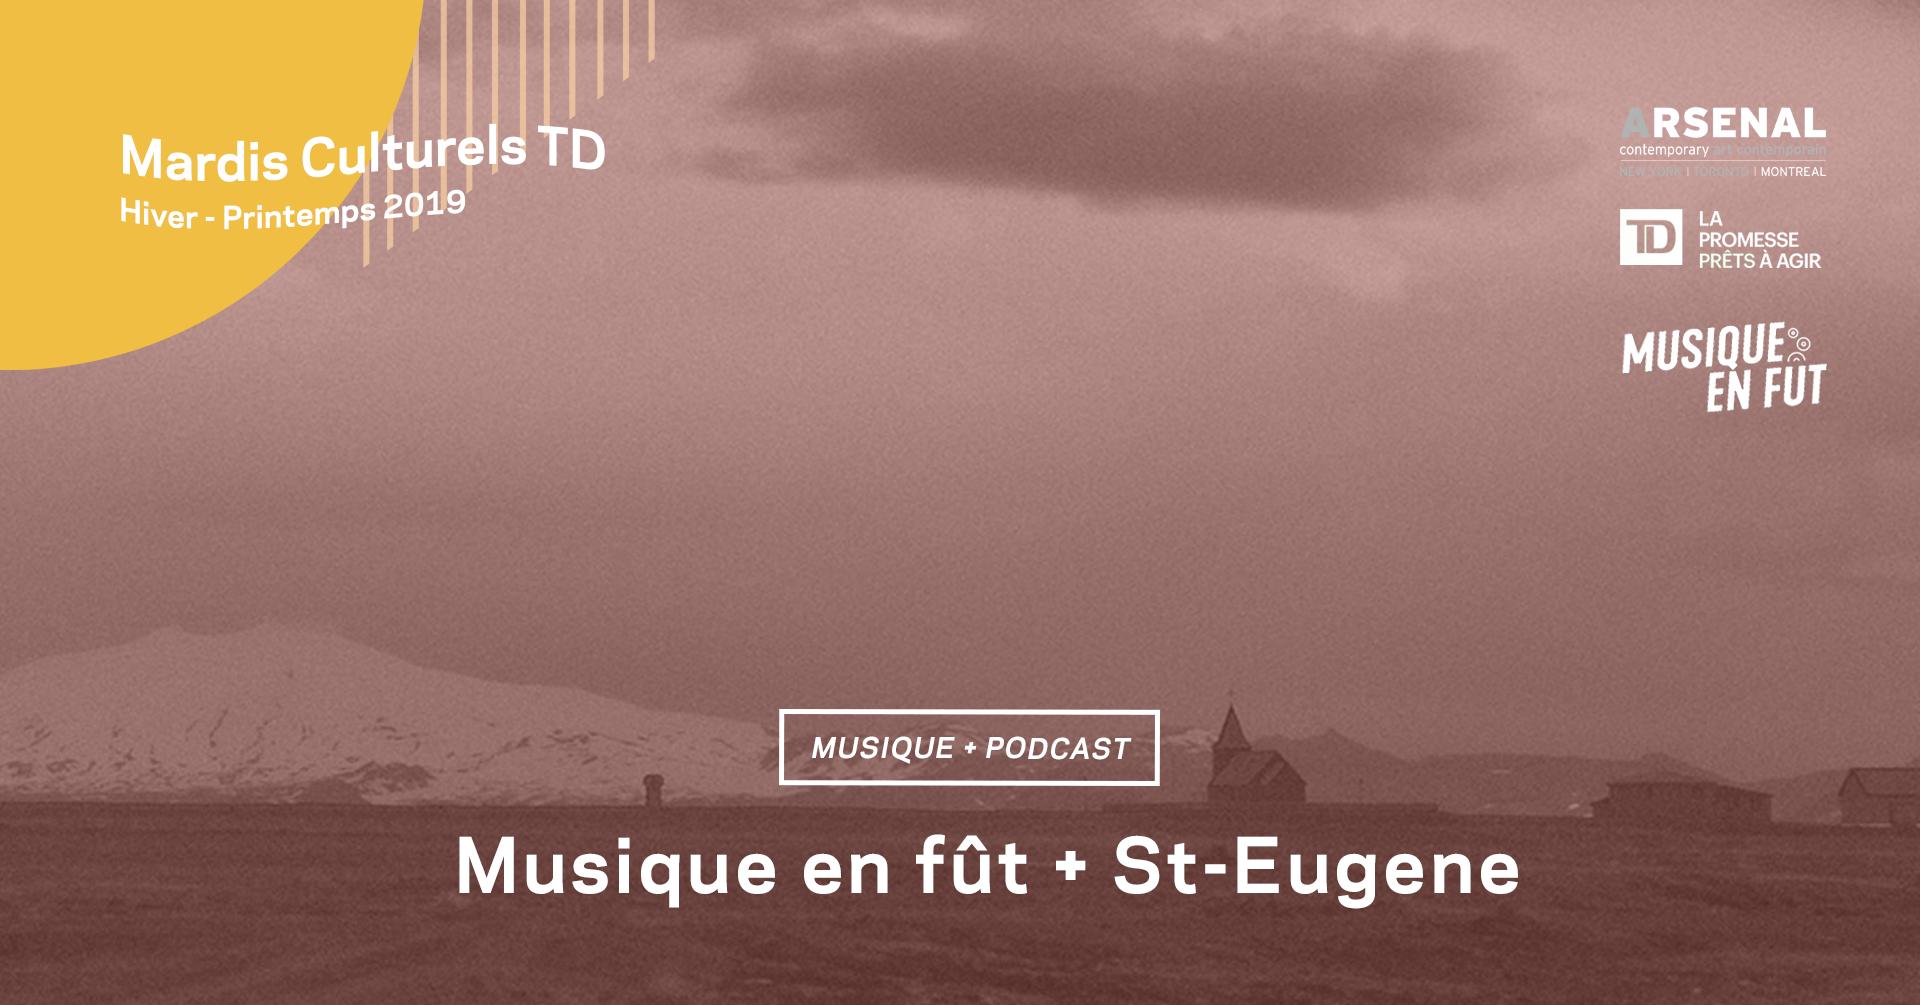 mctd-musique-en-fut-st-eugene.png